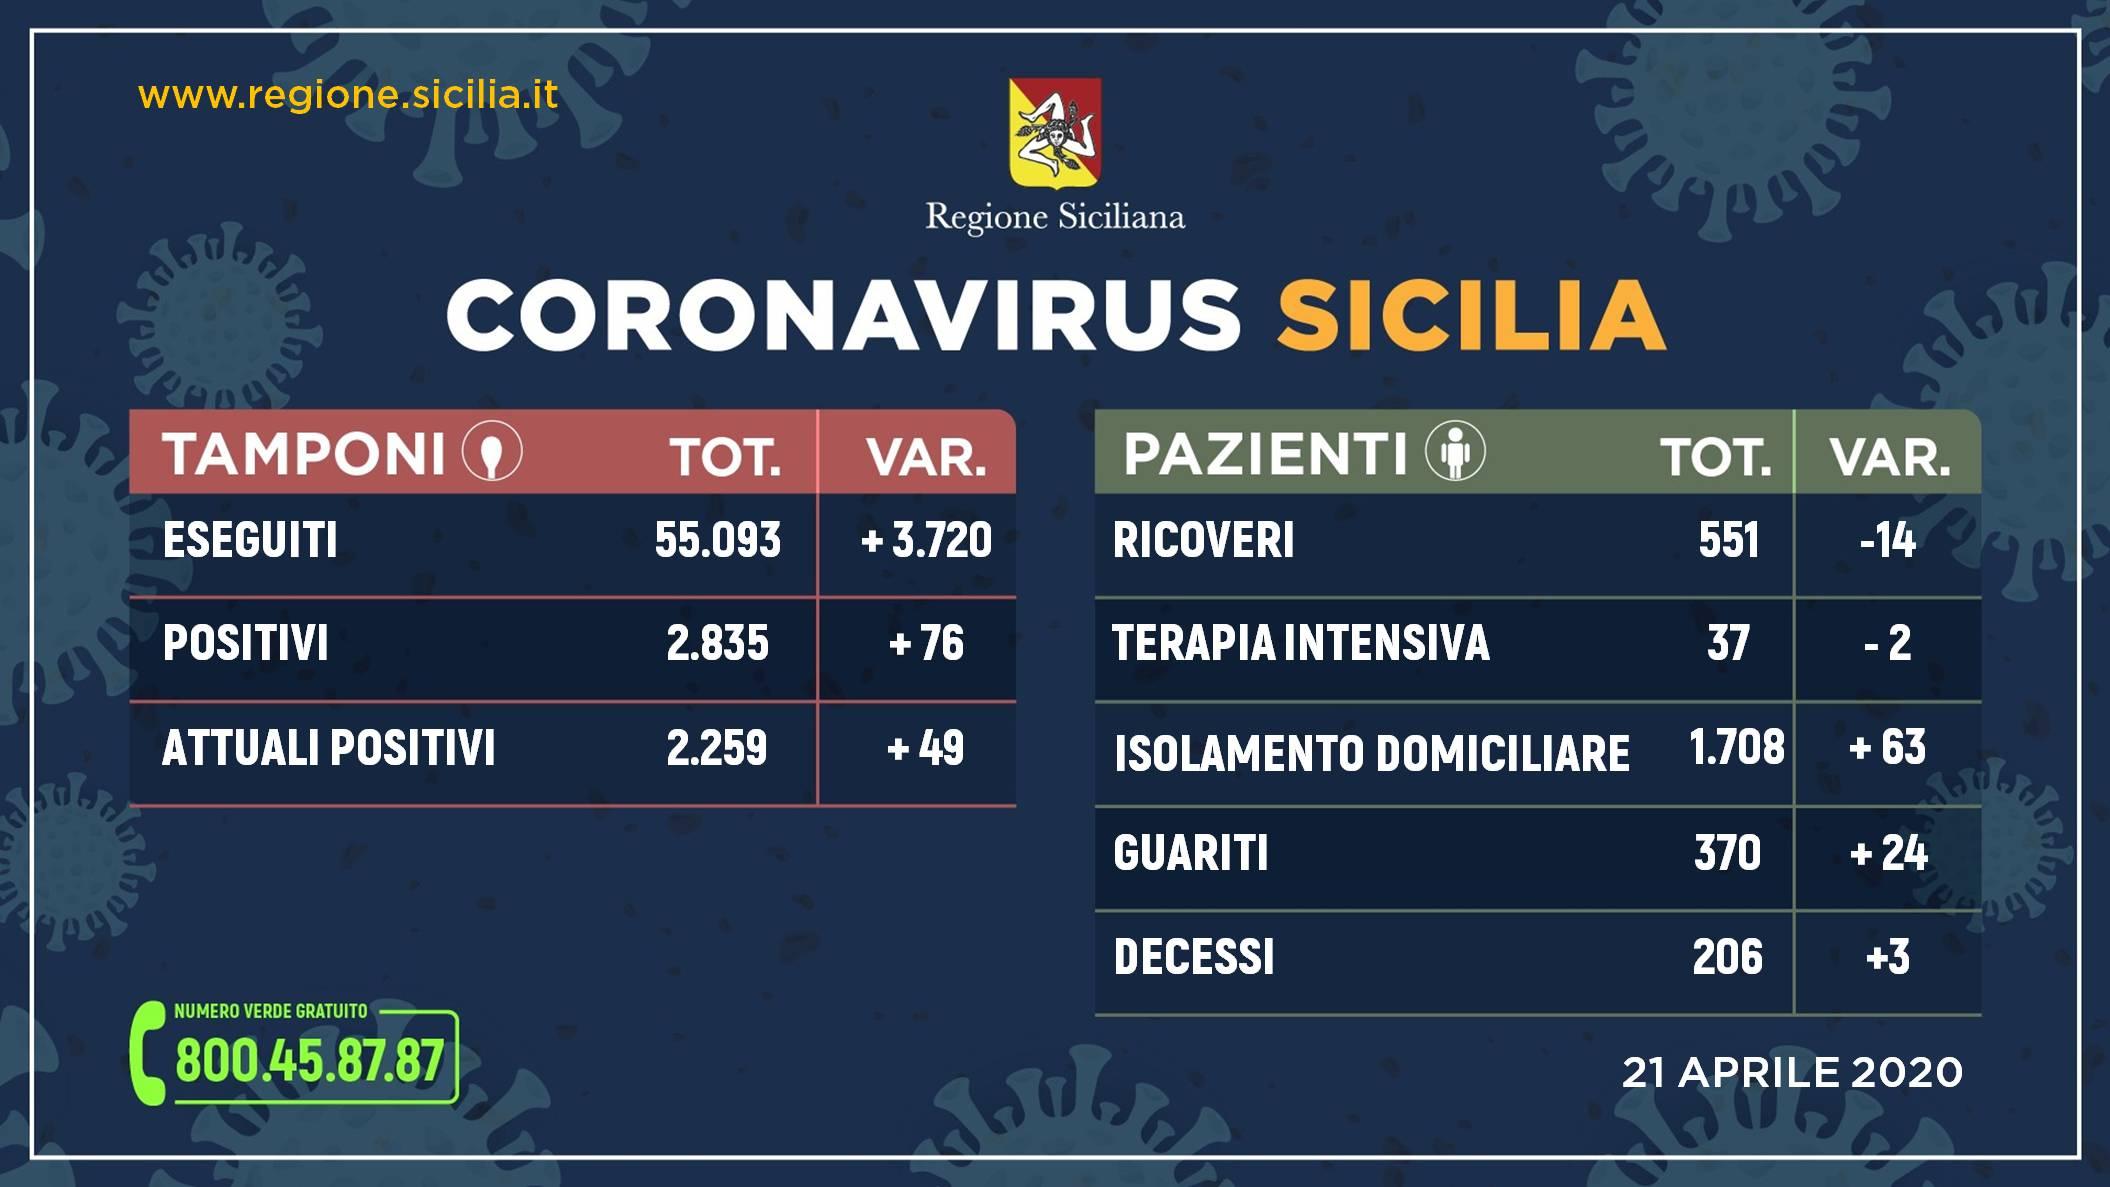 Coronavirus, in Sicilia aumentano i guariti e diminuiscono i ricoveri